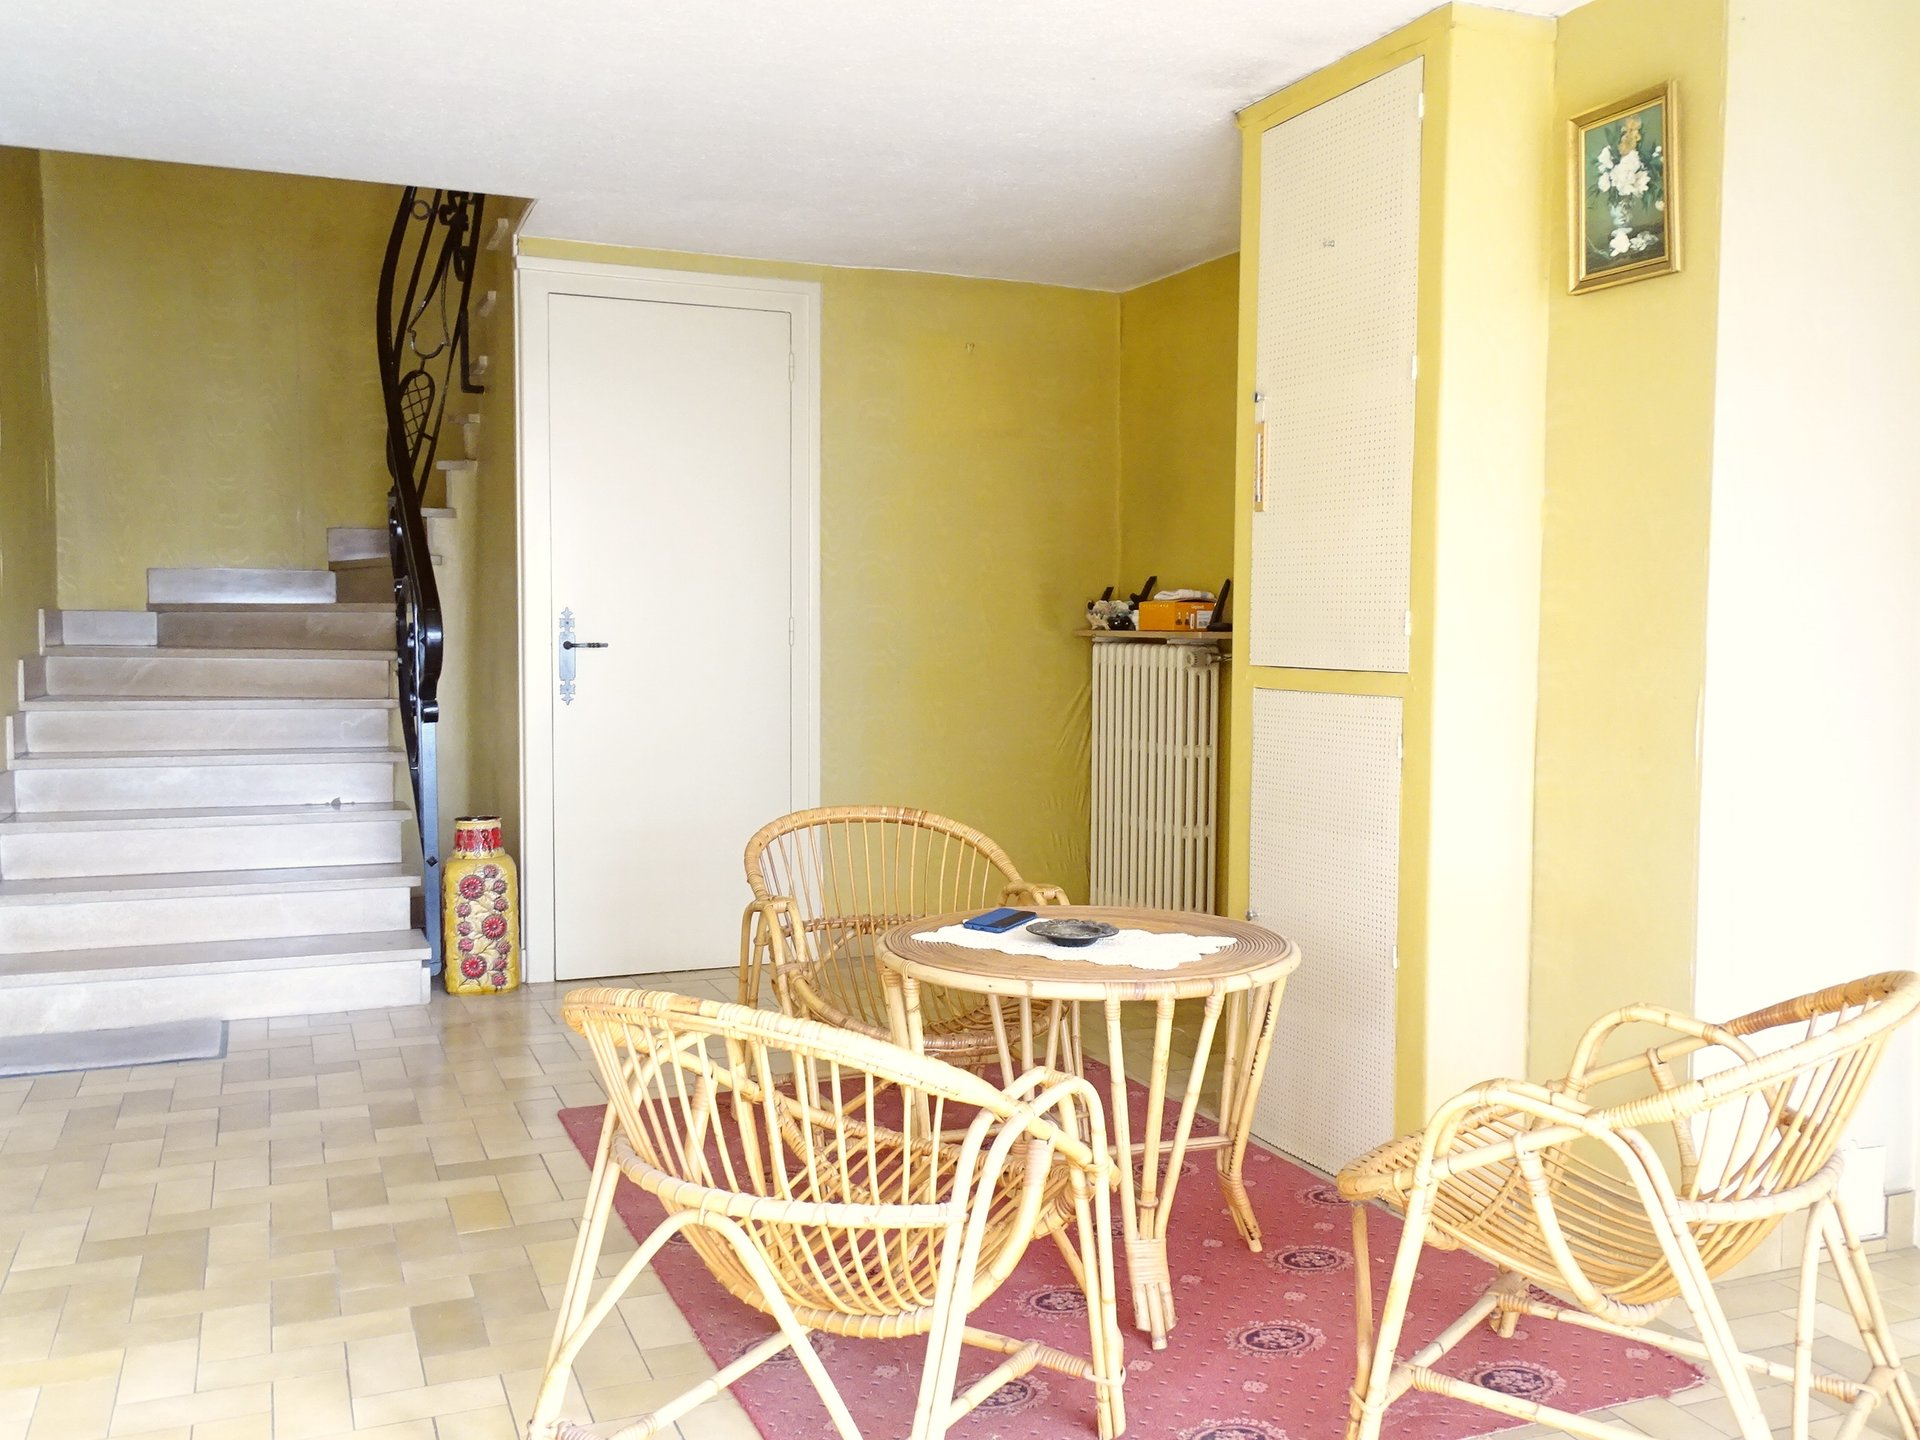 A 10 mn du centre ville de Mâcon tout en étant au calme et à proximité de toutes les commodités, maison disposant d'un très beau potentiel !  Elle dispose de deux parties, la principale se compose d'un séjour et d'une cuisine donnant tous deux sur une terrasse exposée plein sud, de trois chambres (dont une en RDC) et d'une salle de bains. La seconde partie fait environ 150 m² et est utilisée aujourd'hui en garage, espace de stockage, ateliers.  Il y a la possibilité de l'aménager totalement et d'en faire une très belle partie habitable ou de la garder pour y faire son activité.  Cette habitation a été construite sur un beau jardin de 1069 m² entièrement clôturée et sans nuisances.  A visiter pour se rendre compte des nombreux atouts et possibilités qu'offre cette maison !  Honoraires à charge vendeurs.